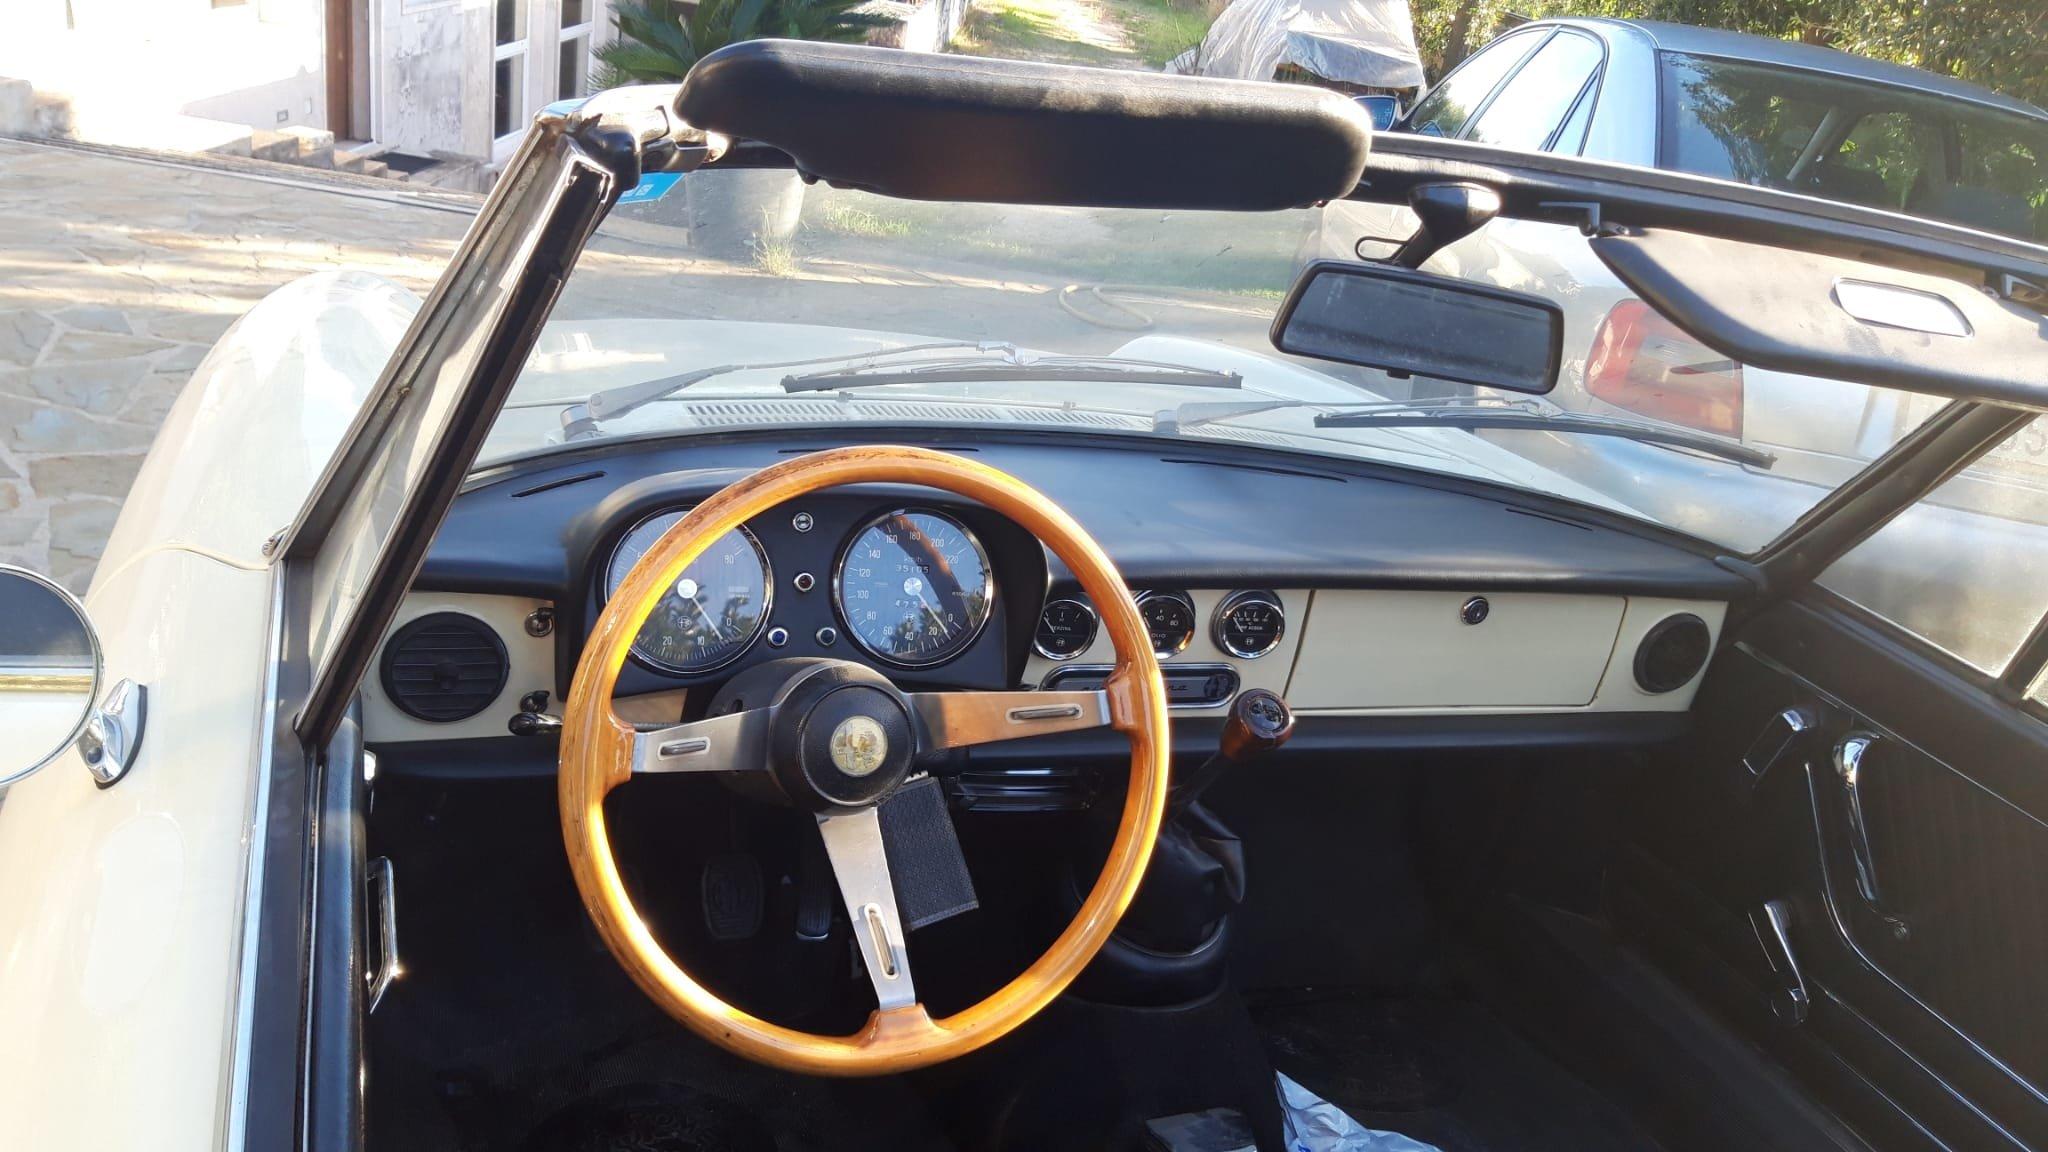 1976 Alfa Romeo Spider Duetto coda tronca 1300 For Sale (picture 9 of 9)